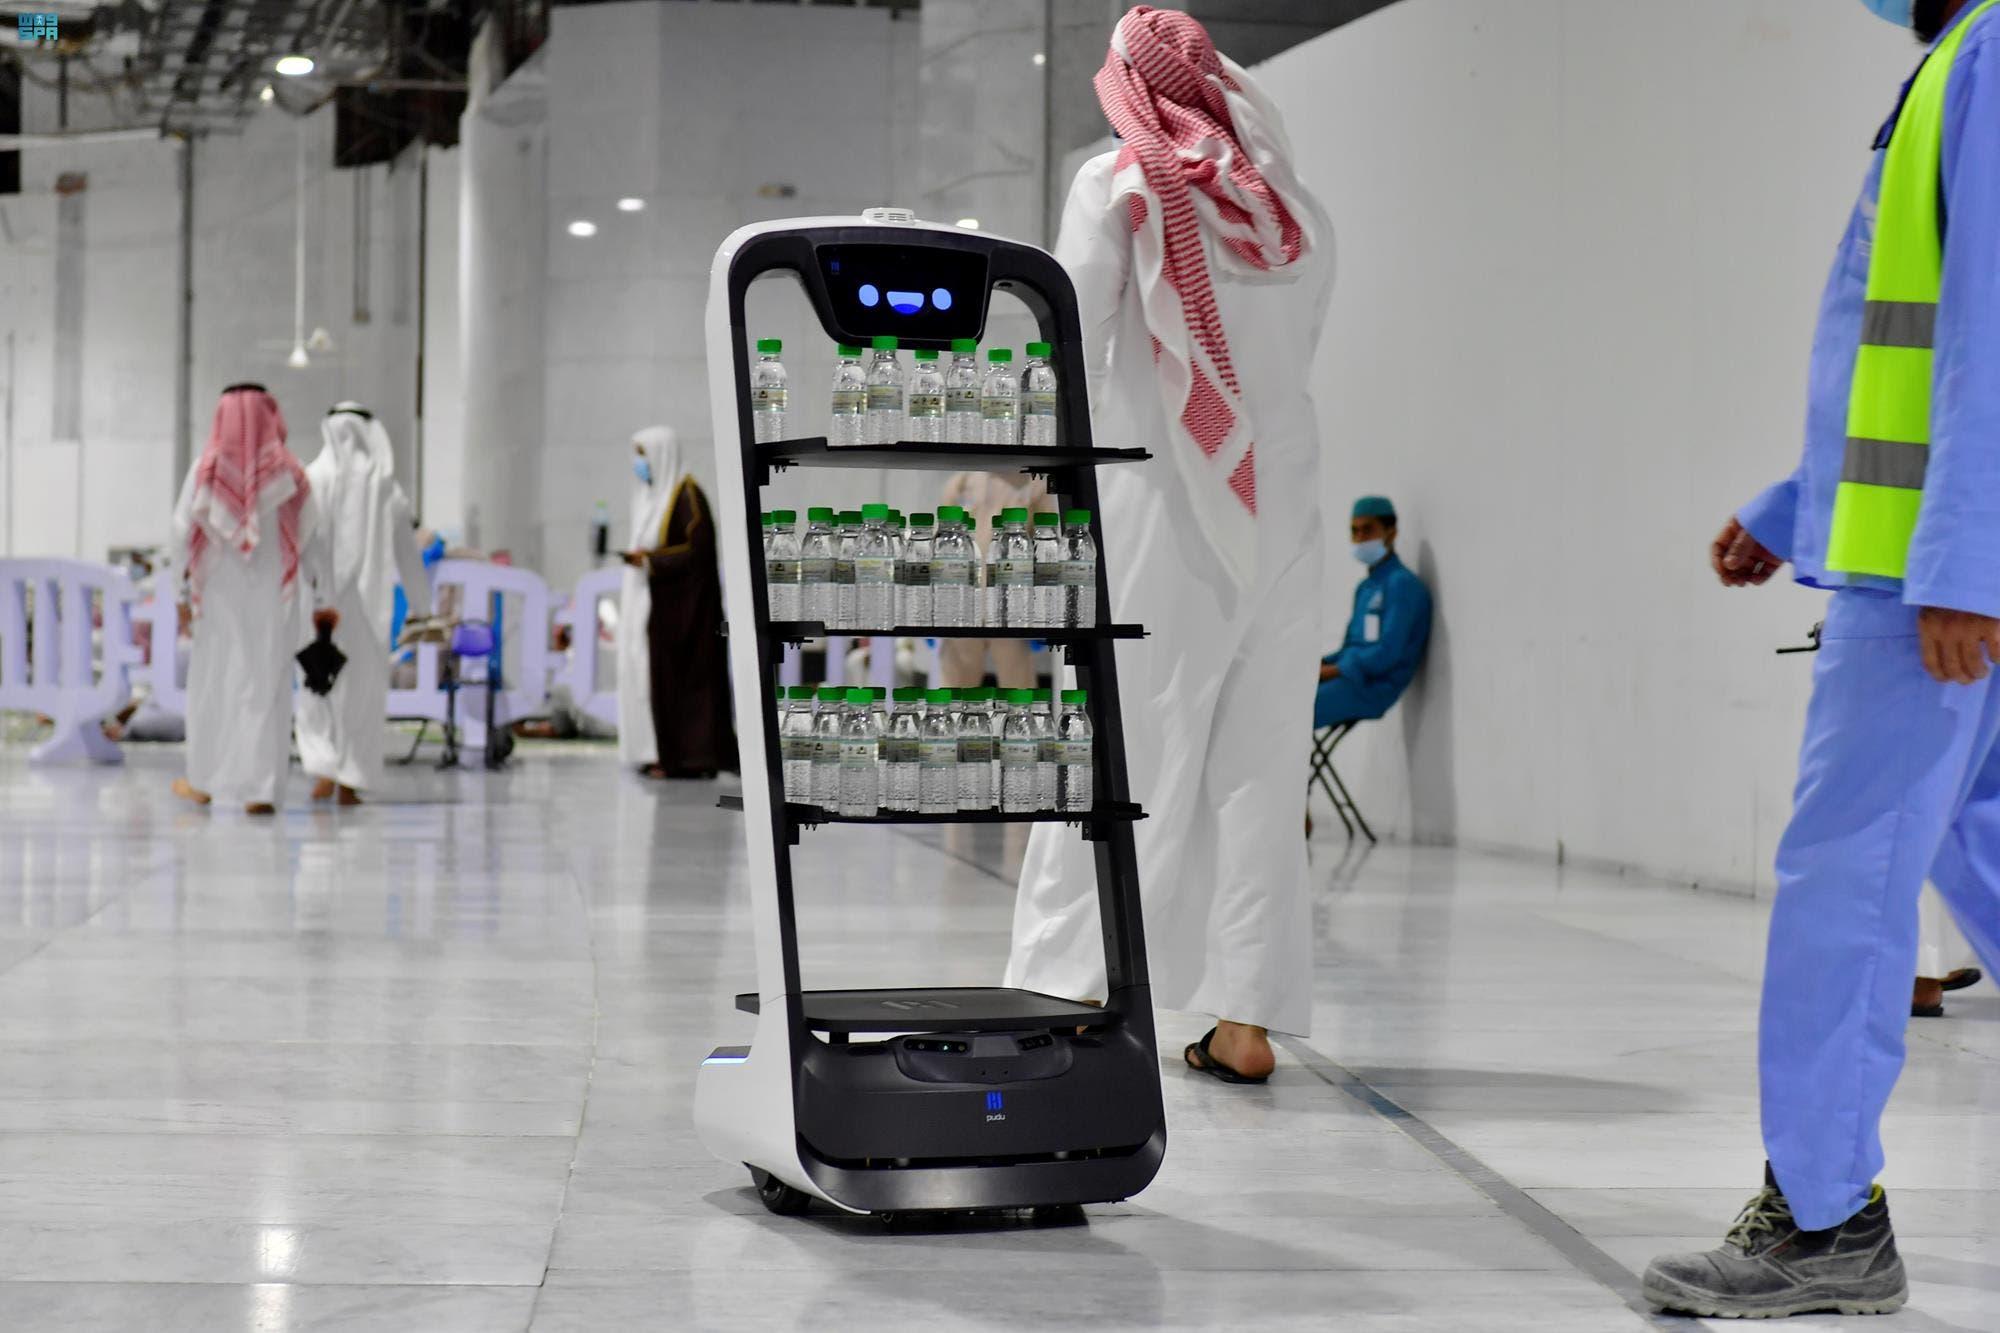 روبوتات لتوزيع مياه زمزم